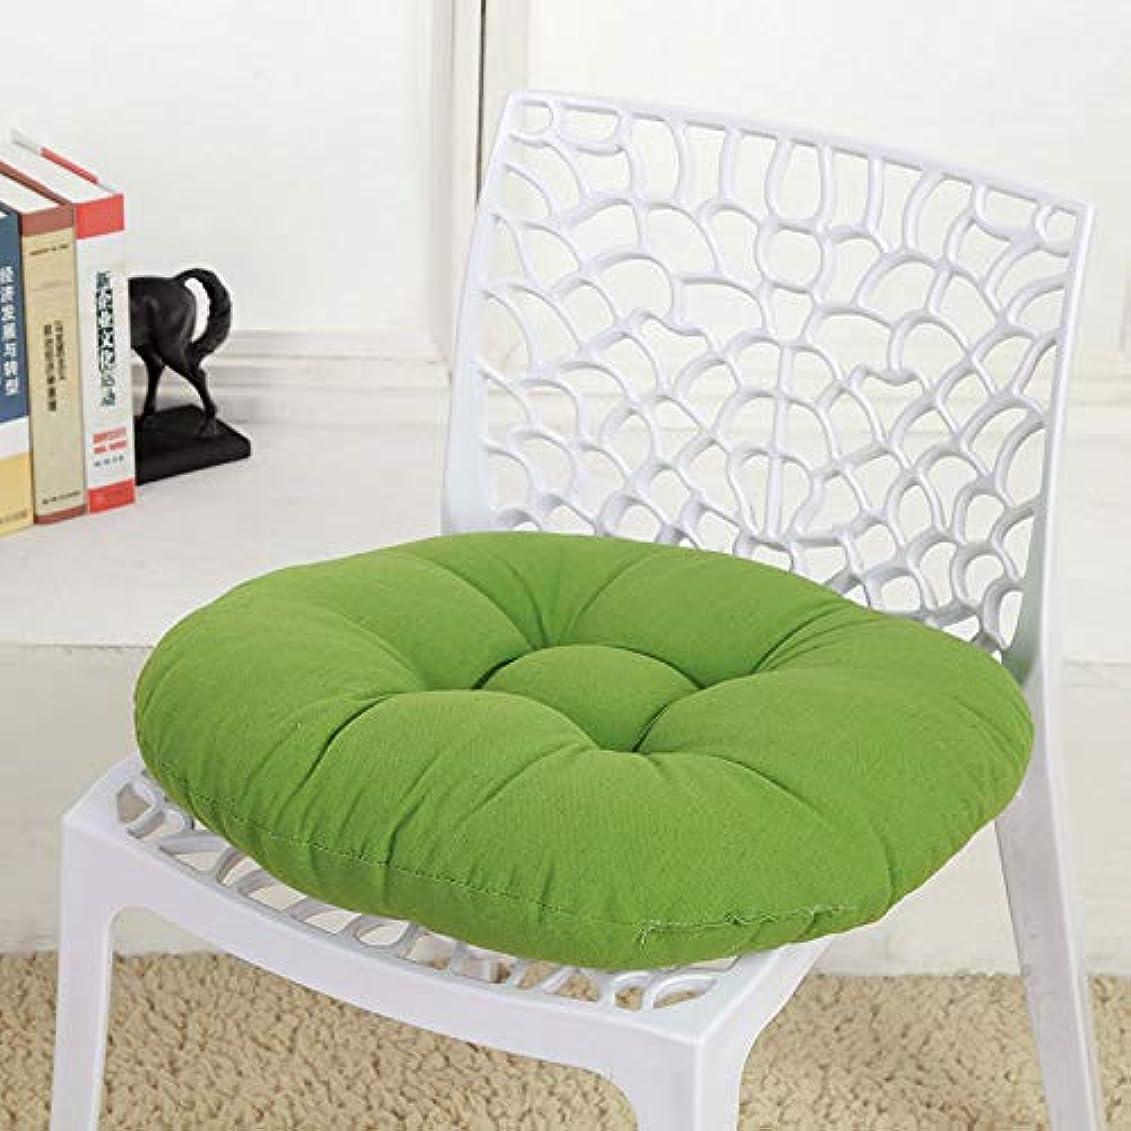 ストレンジャーコーン新鮮なSMART キャンディカラーのクッションラウンドシートクッション波ウィンドウシートクッションクッション家の装飾パッドラウンド枕シート枕椅子座る枕 クッション 椅子